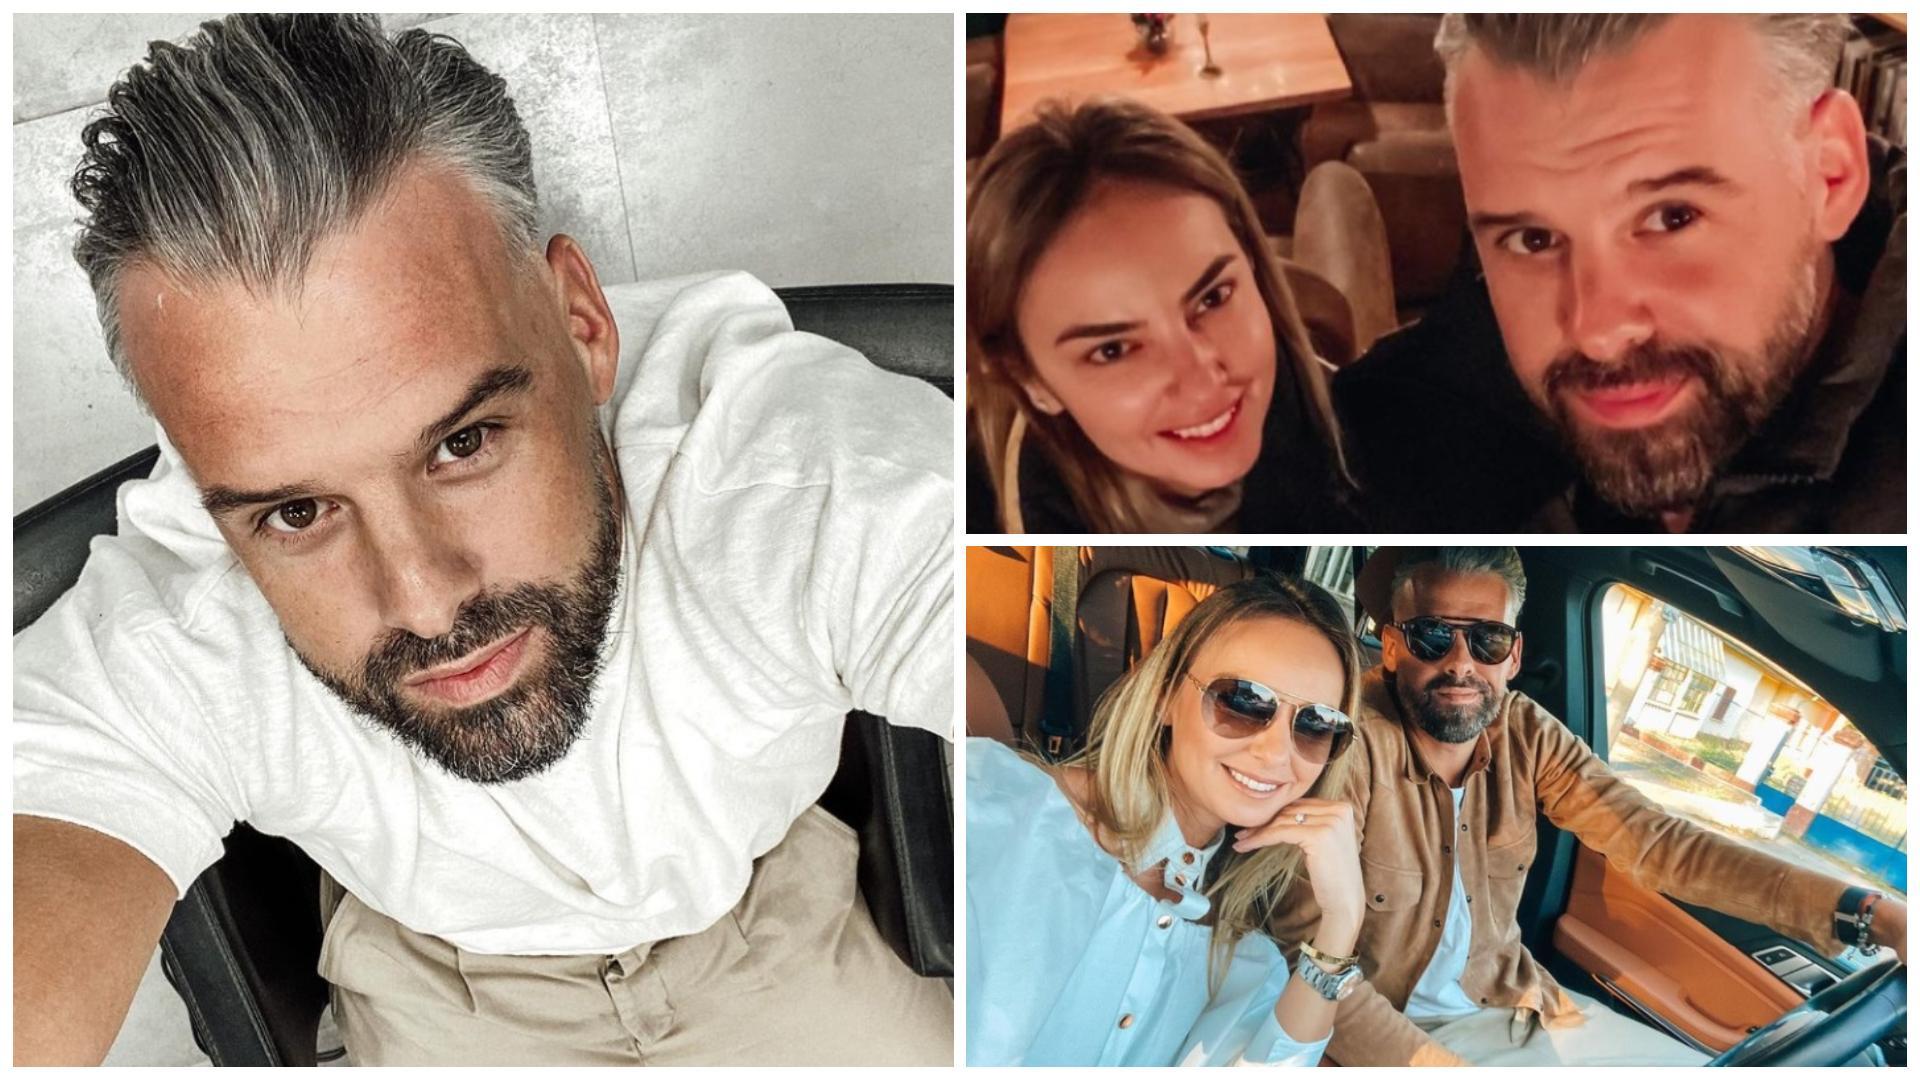 Cine este și cu se se ocupă Tinu Vidaicu, nașul de cununie al lui Dani Oțil și al Gabrielei Prisăcariu|EpicNews